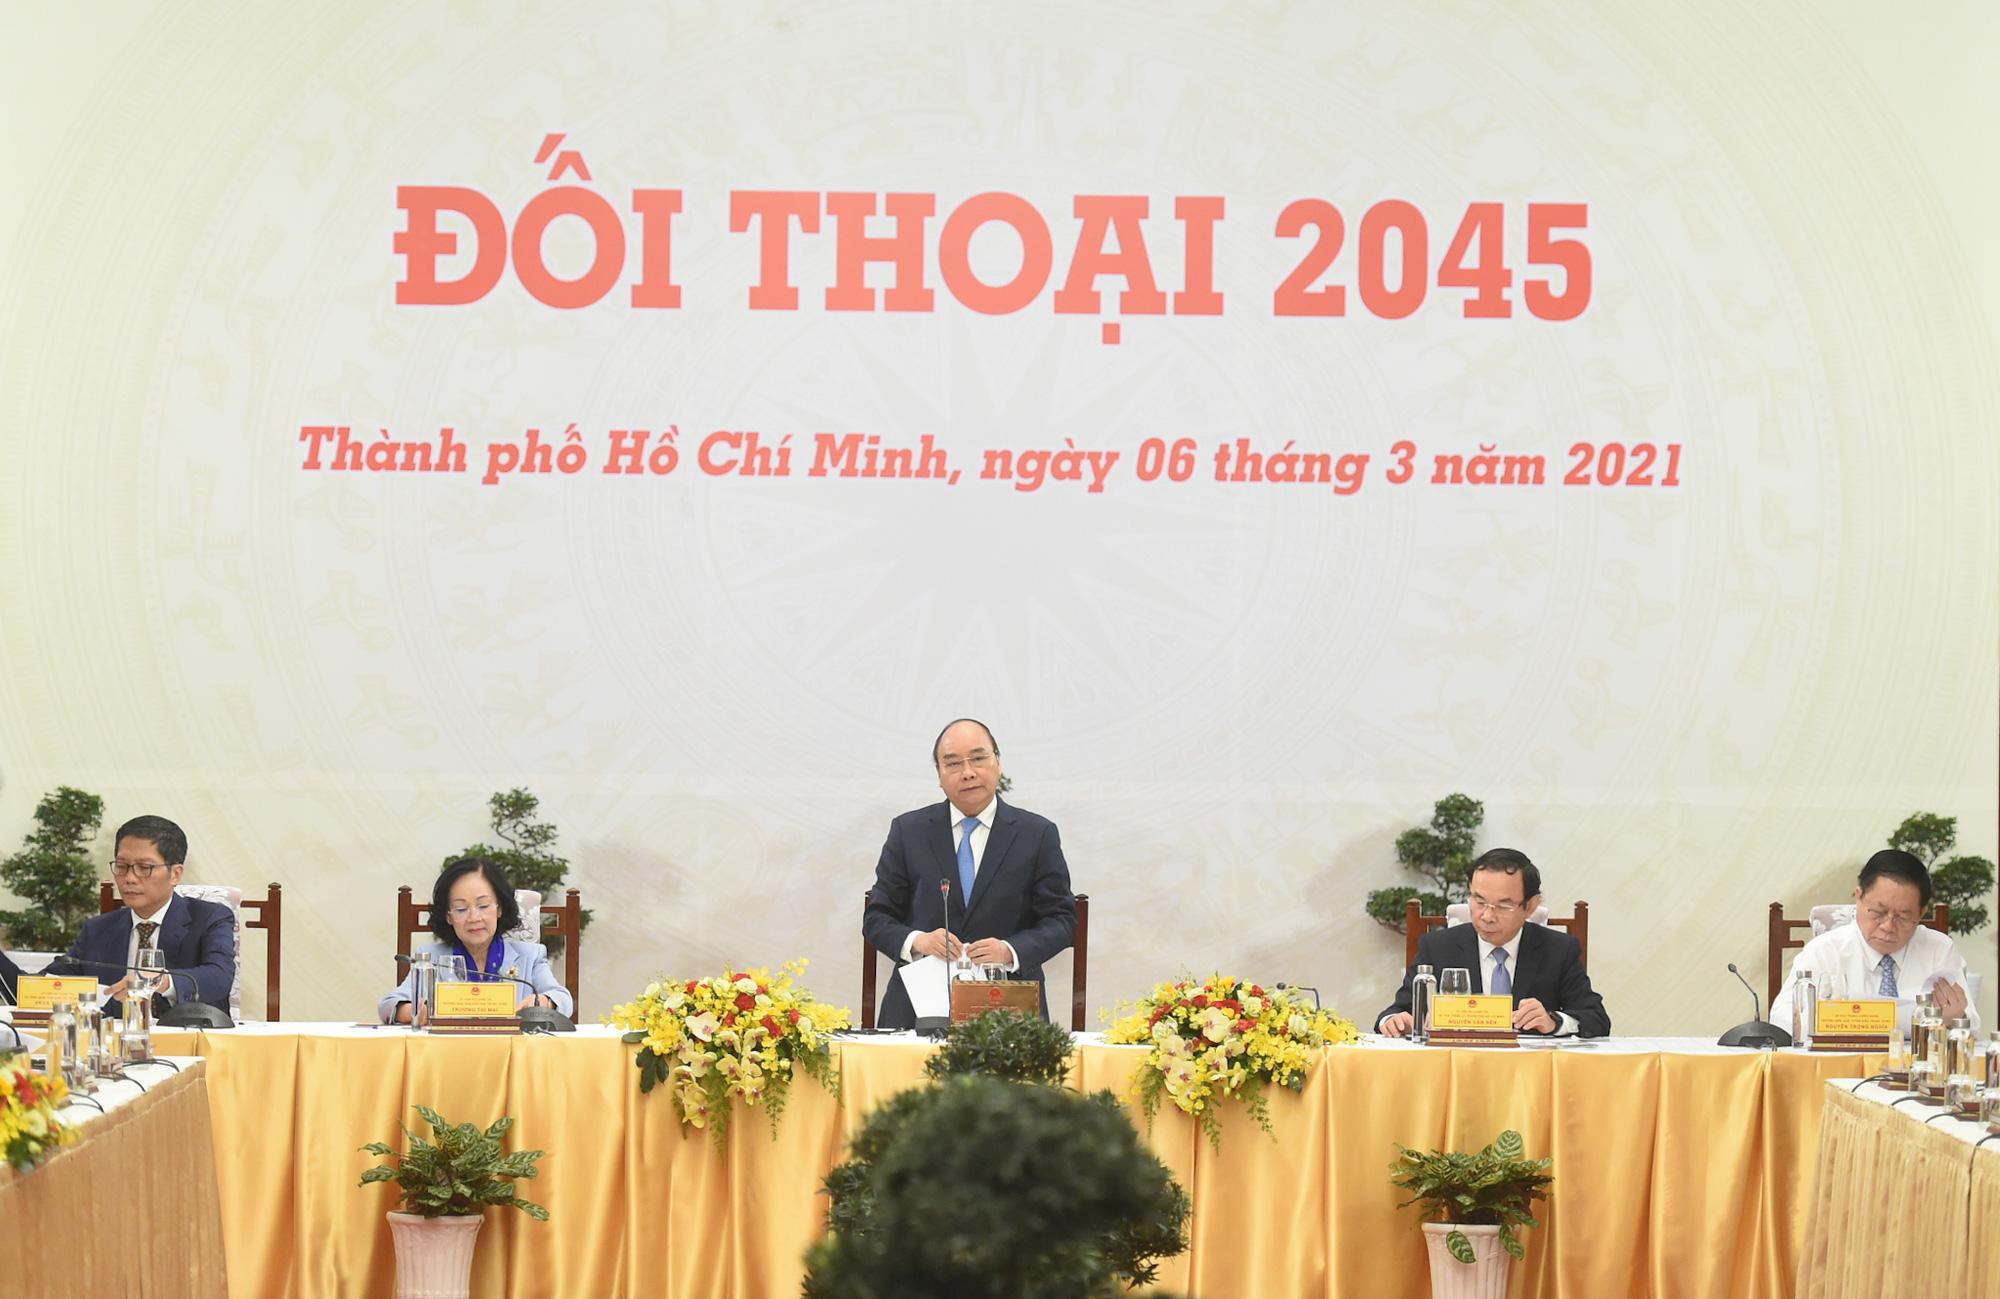 """""""Đối thoại 2045"""": Thủ tướng lắng nghe tiếng nói từ giới tinh hoa - Ảnh 1."""